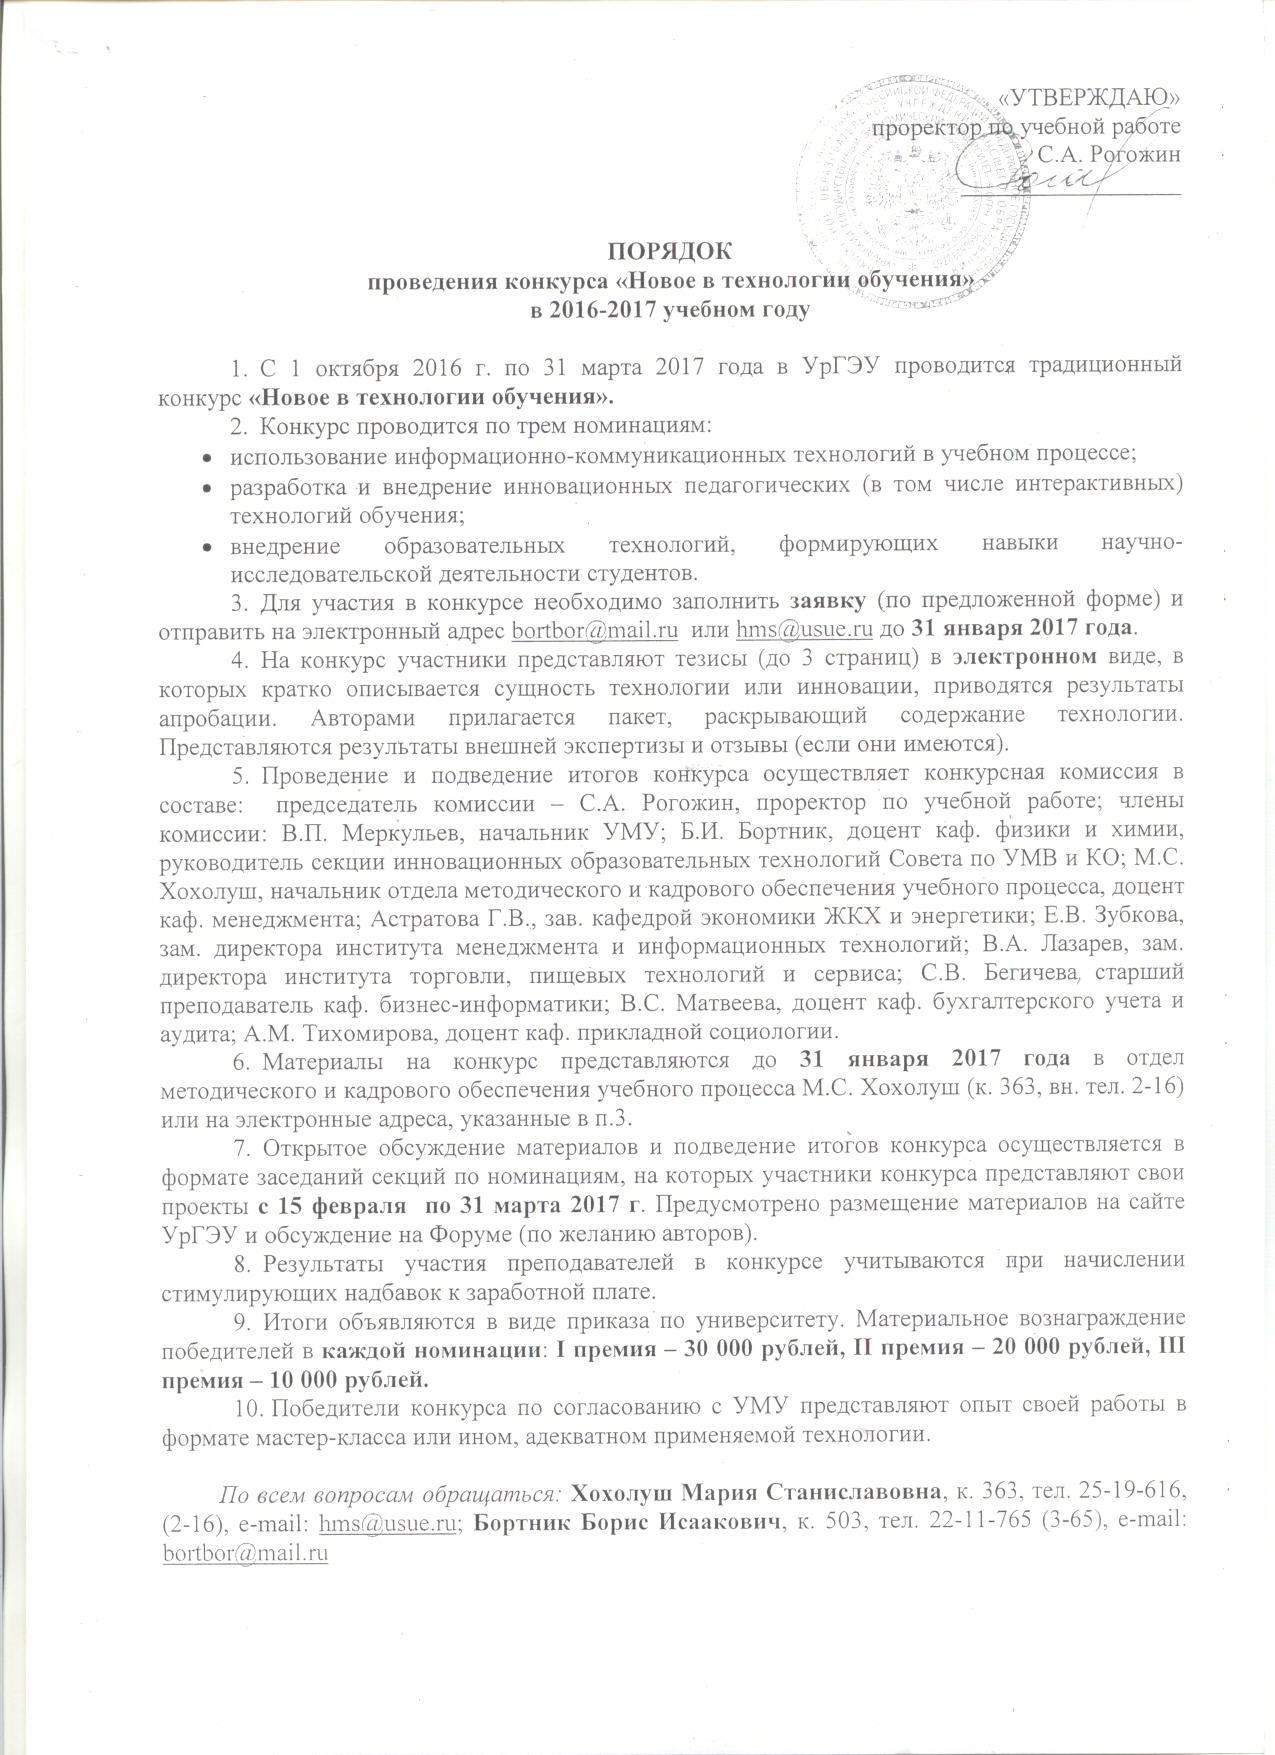 Порядок проведения конкурса на замещение должностей научных работников 937